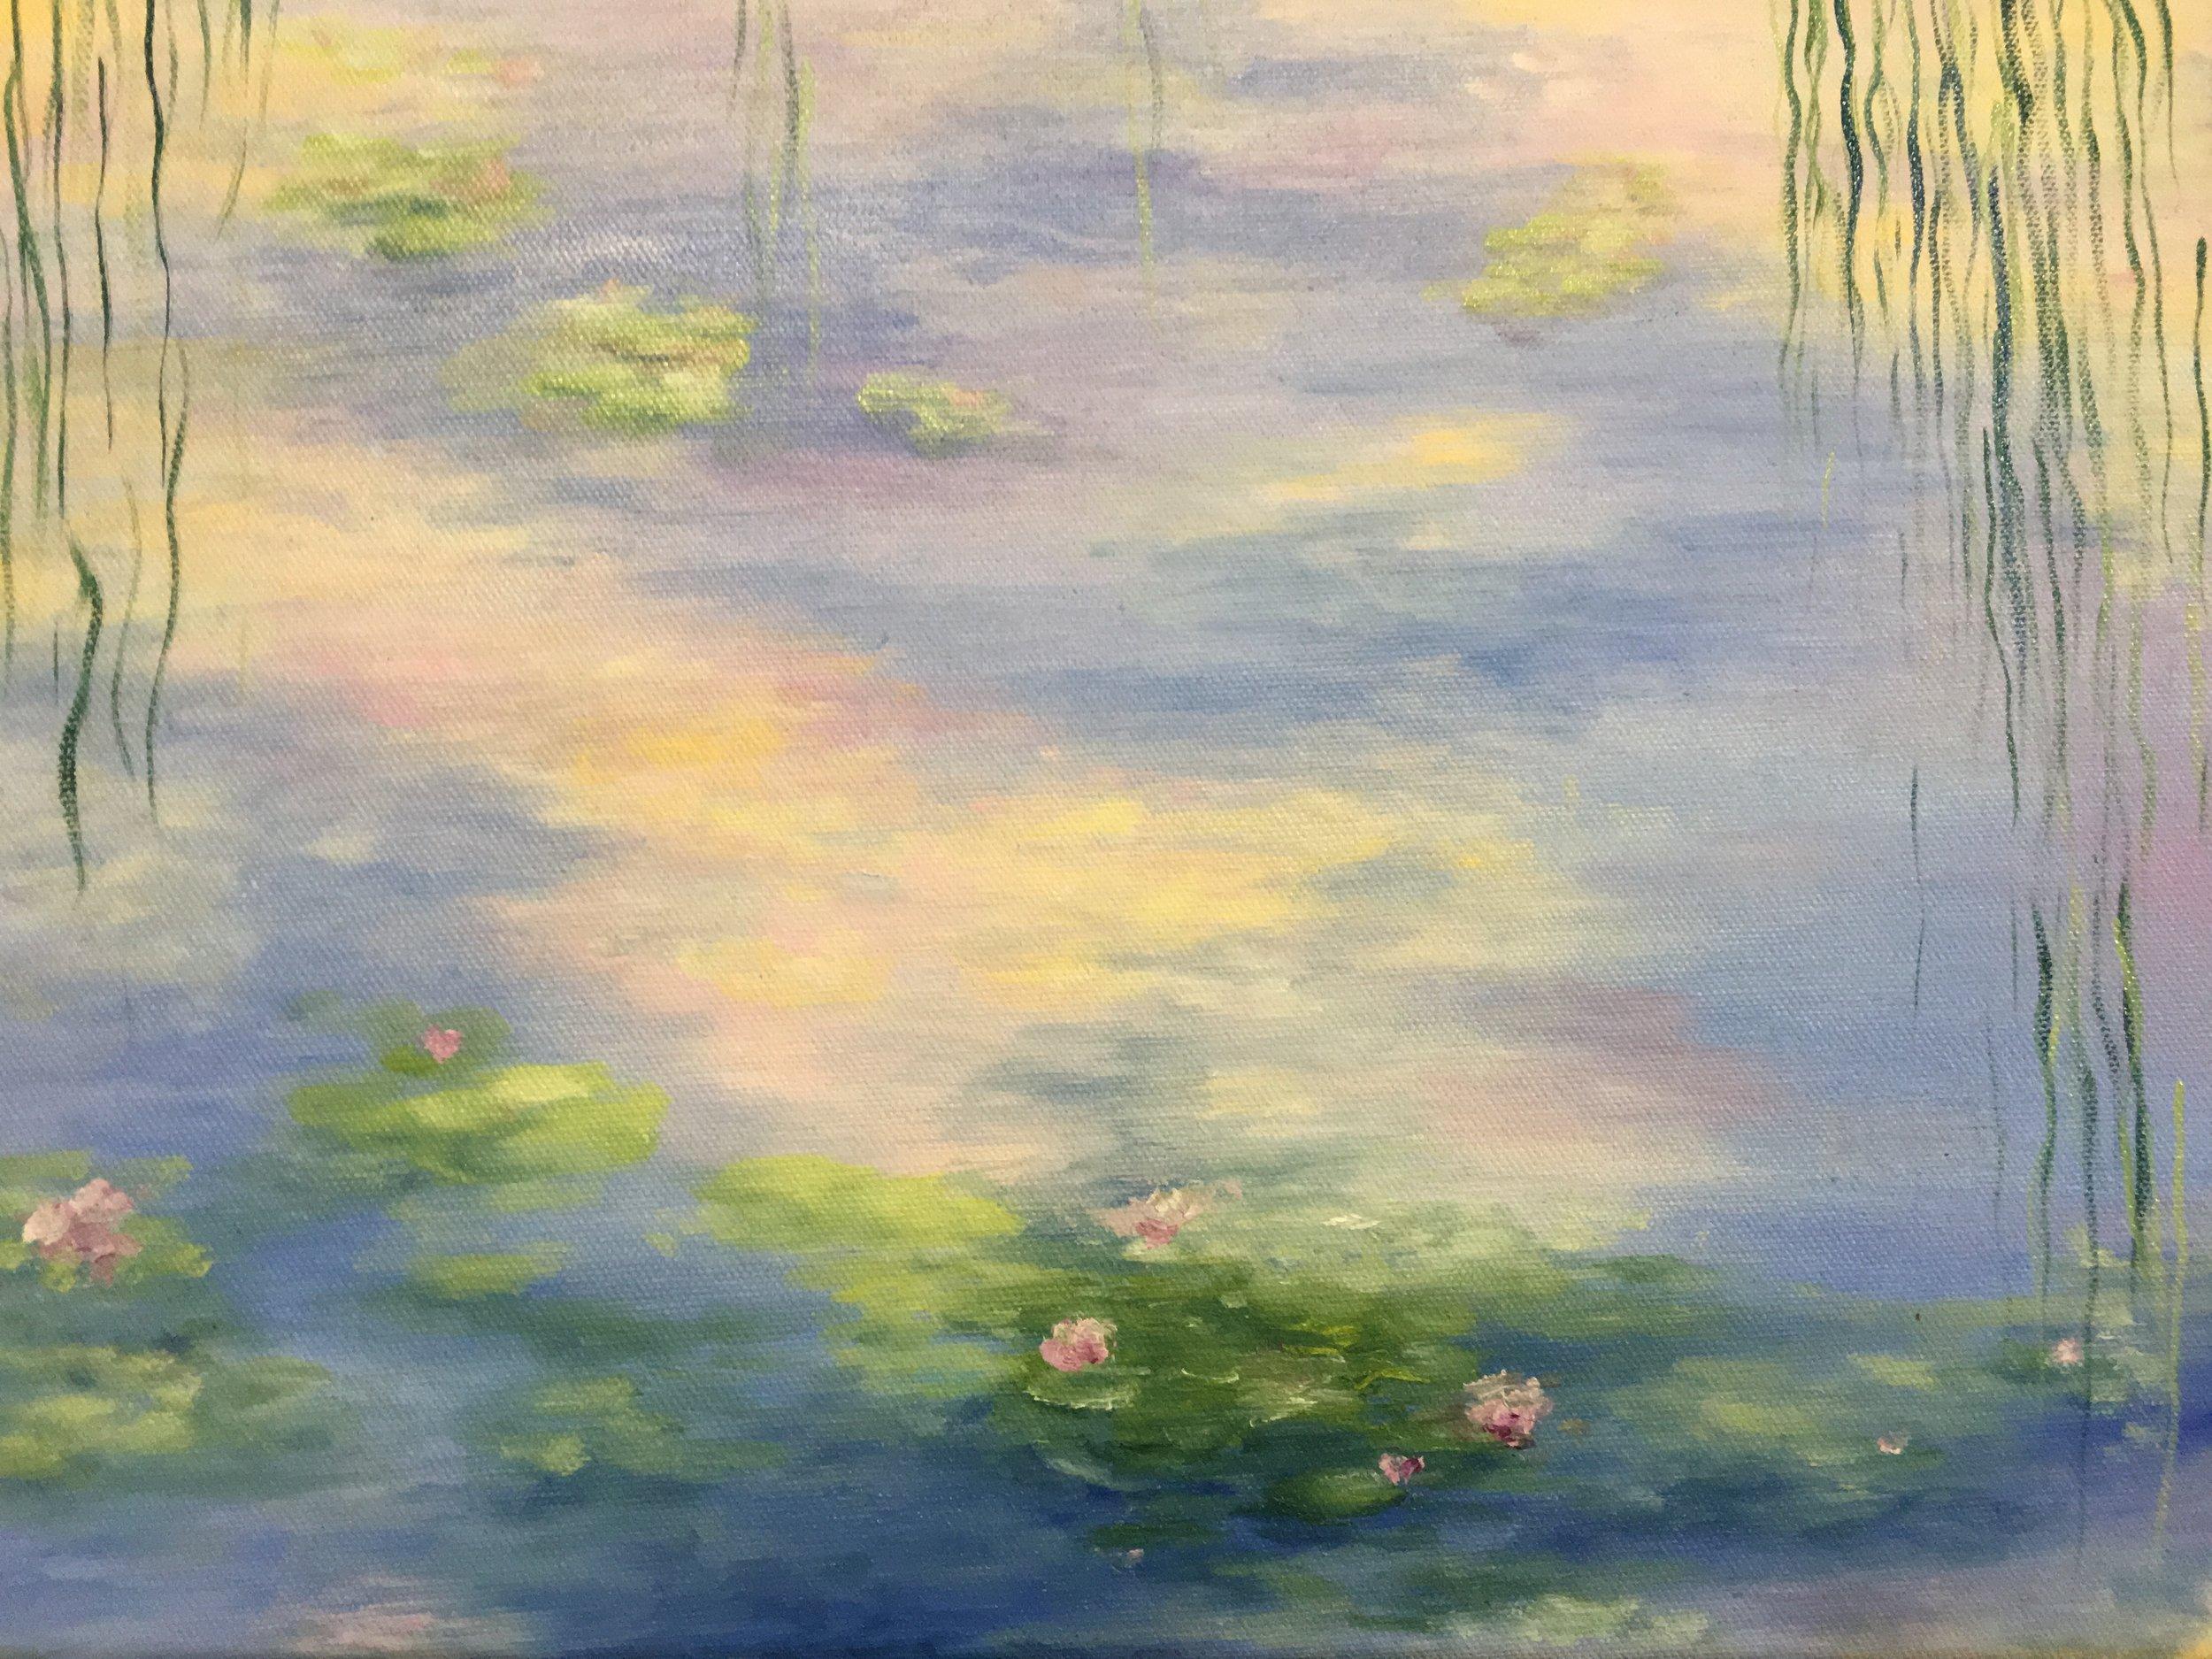 Monet's Waterlilies